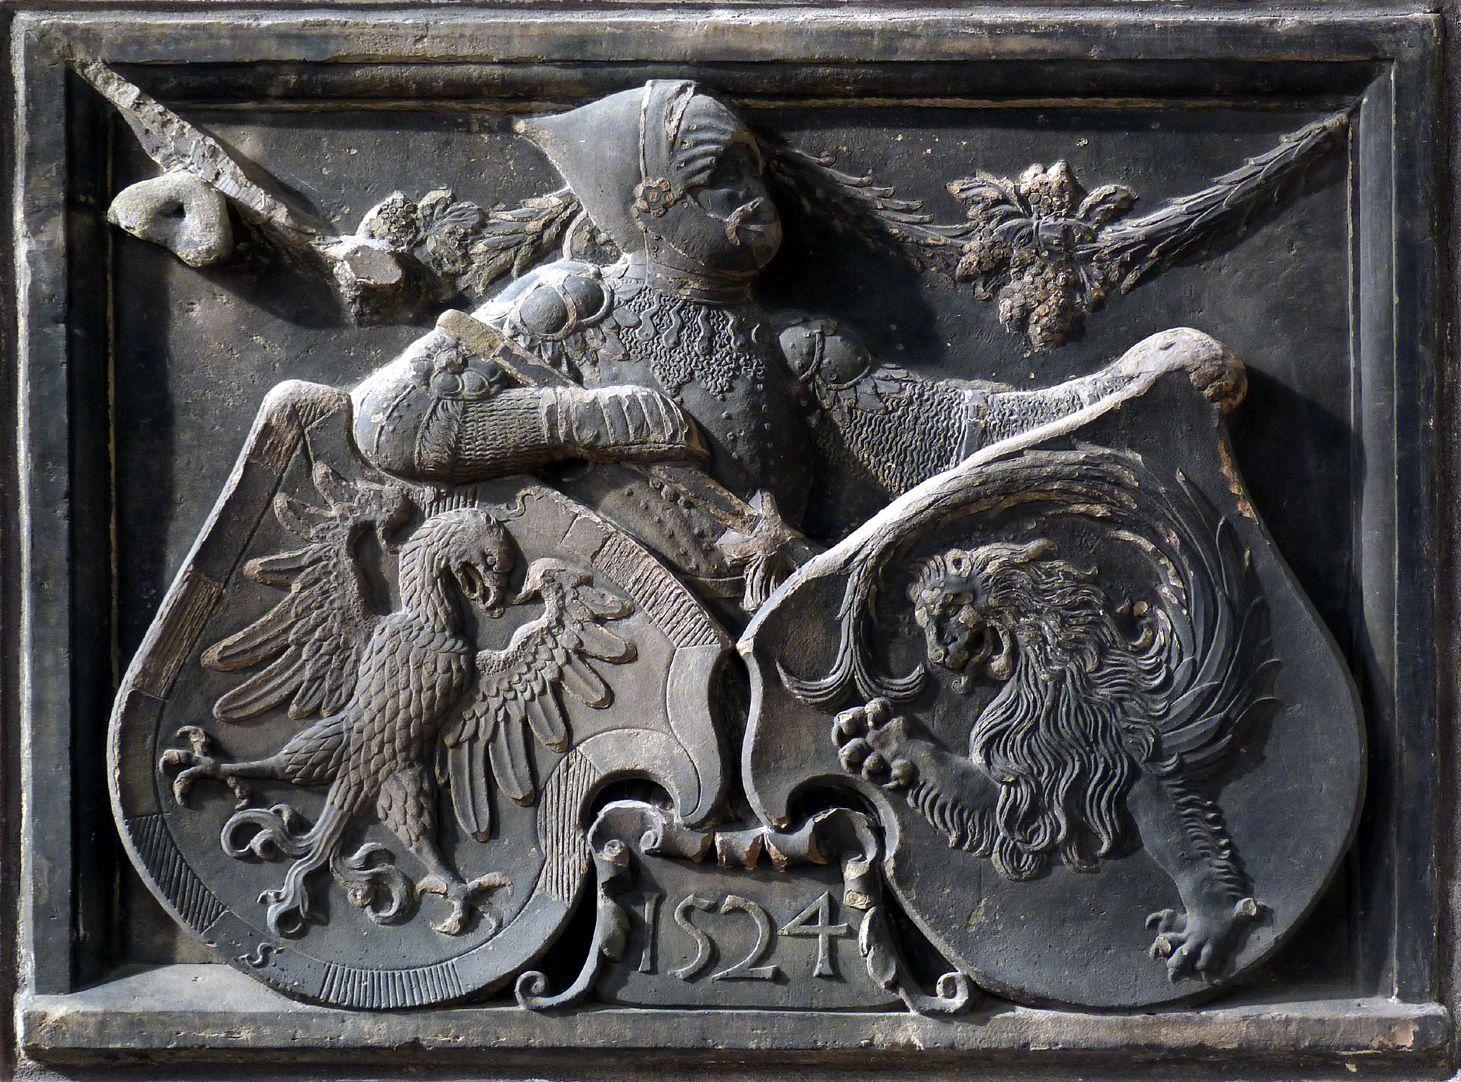 Wappenrelief Schlaudersbach/Imhoff Gesamt, Ritter als Wappenträger